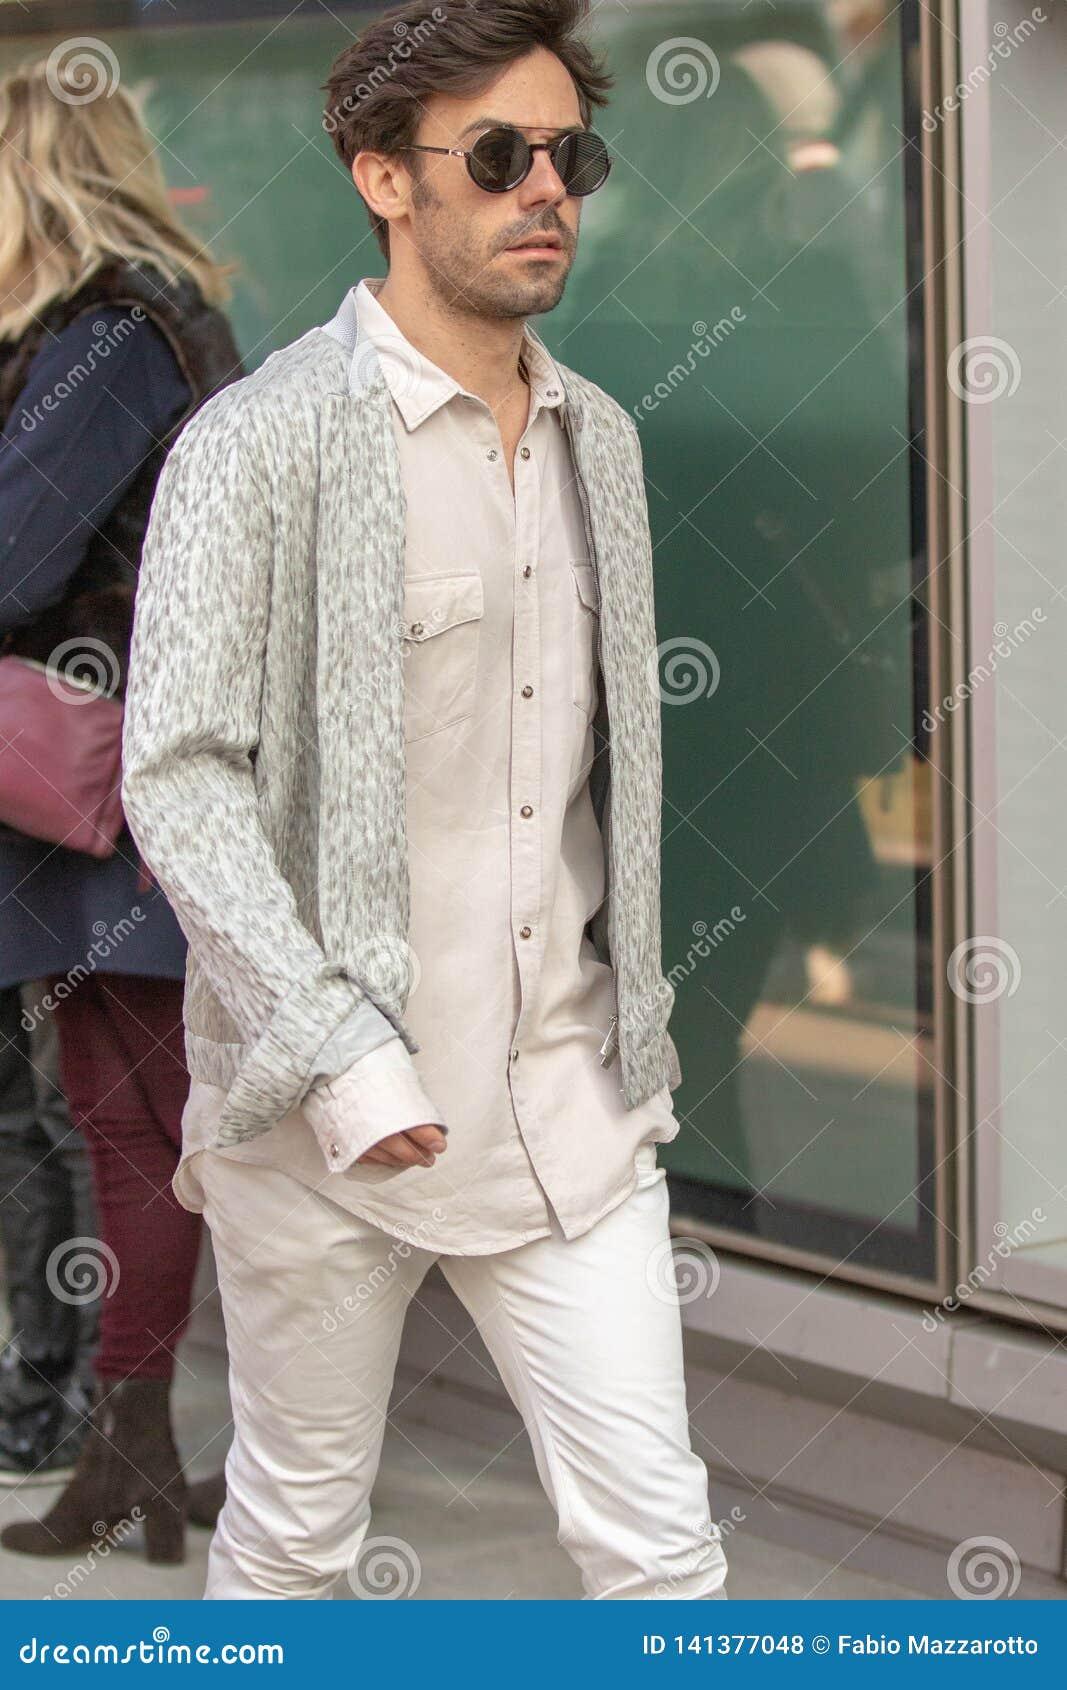 Modelo vestindo um par de calças e de uma camisa sleeved longa bege